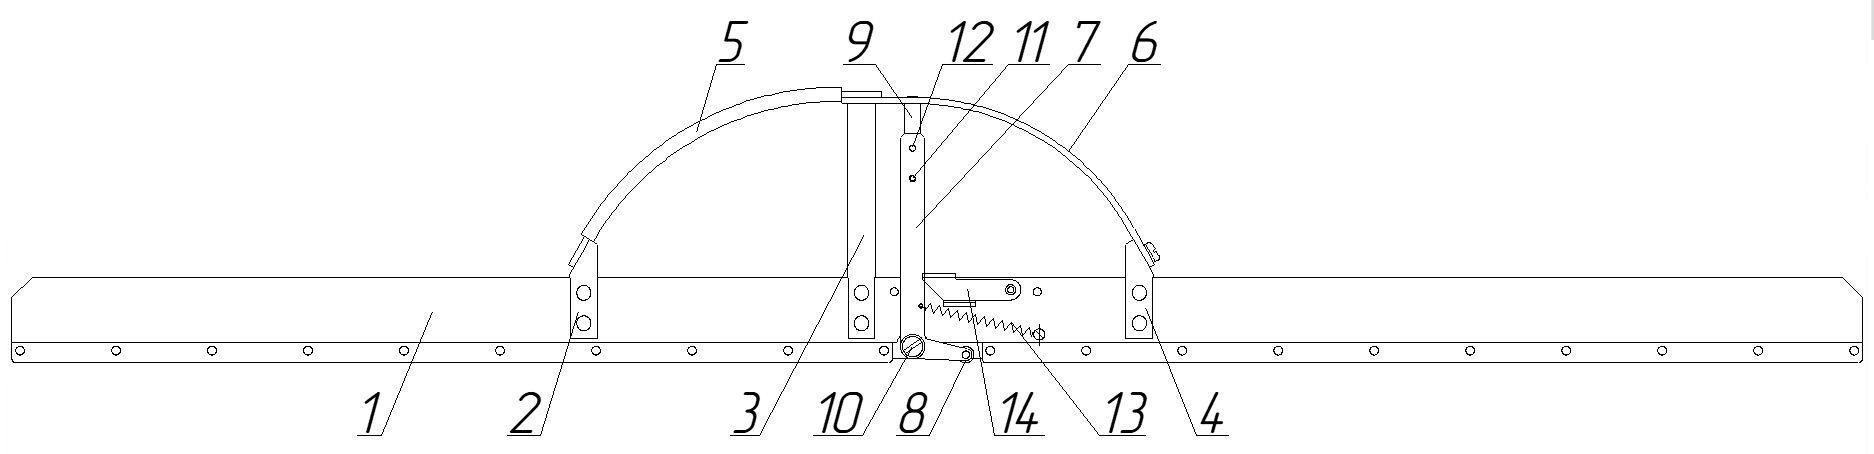 Приспособление для контроля глубины поверхностных дефектов рельсов модели ПИ-1000.00.00 аналог линейки Шестопалова шаблон 82904 РЖД